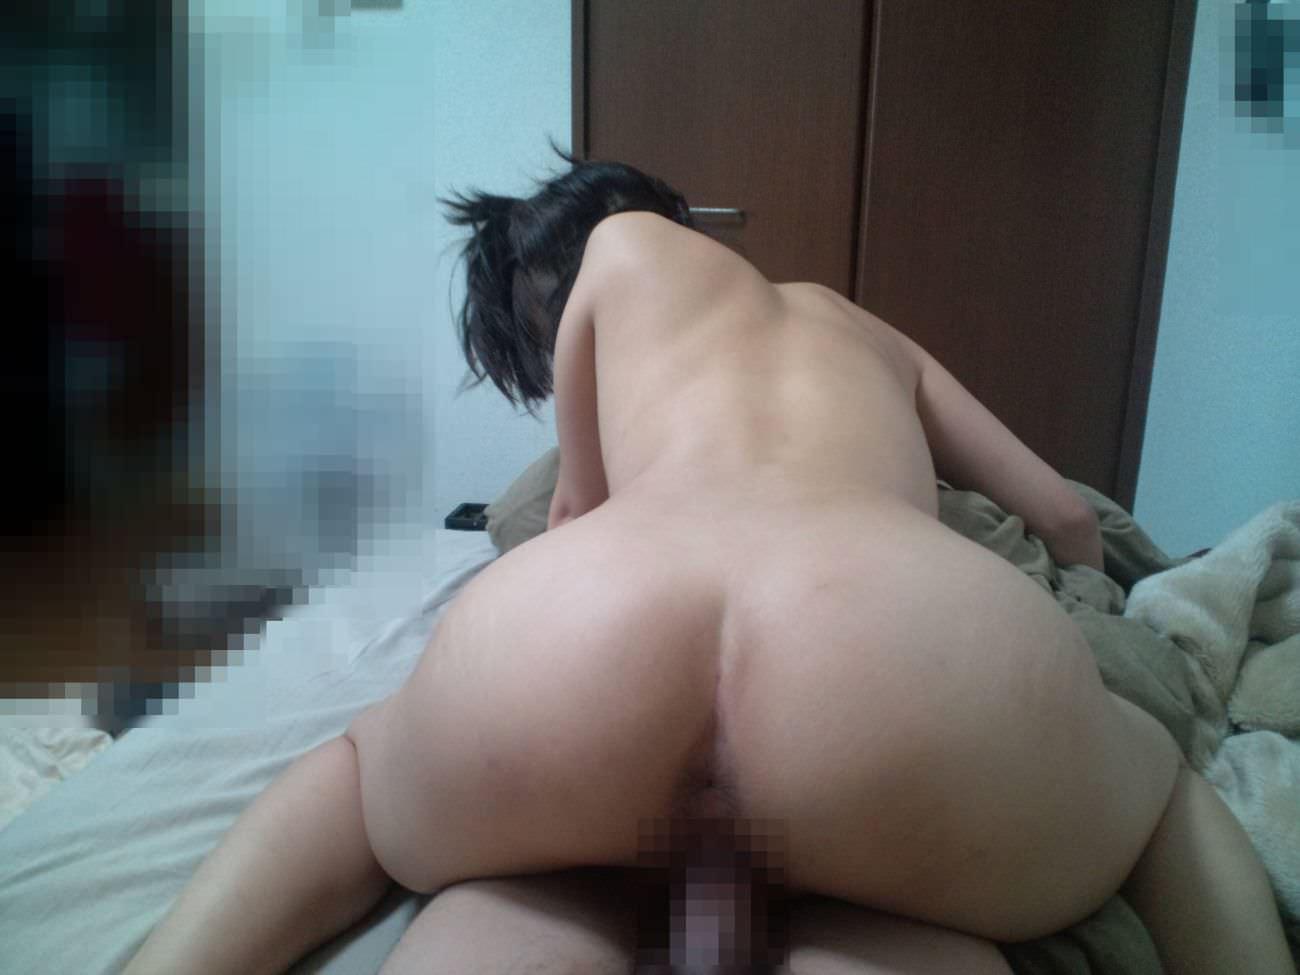 彼氏にセックスしてる時の恥ずかしい姿を撮影されちゃったハメ撮りエロ画像 2211